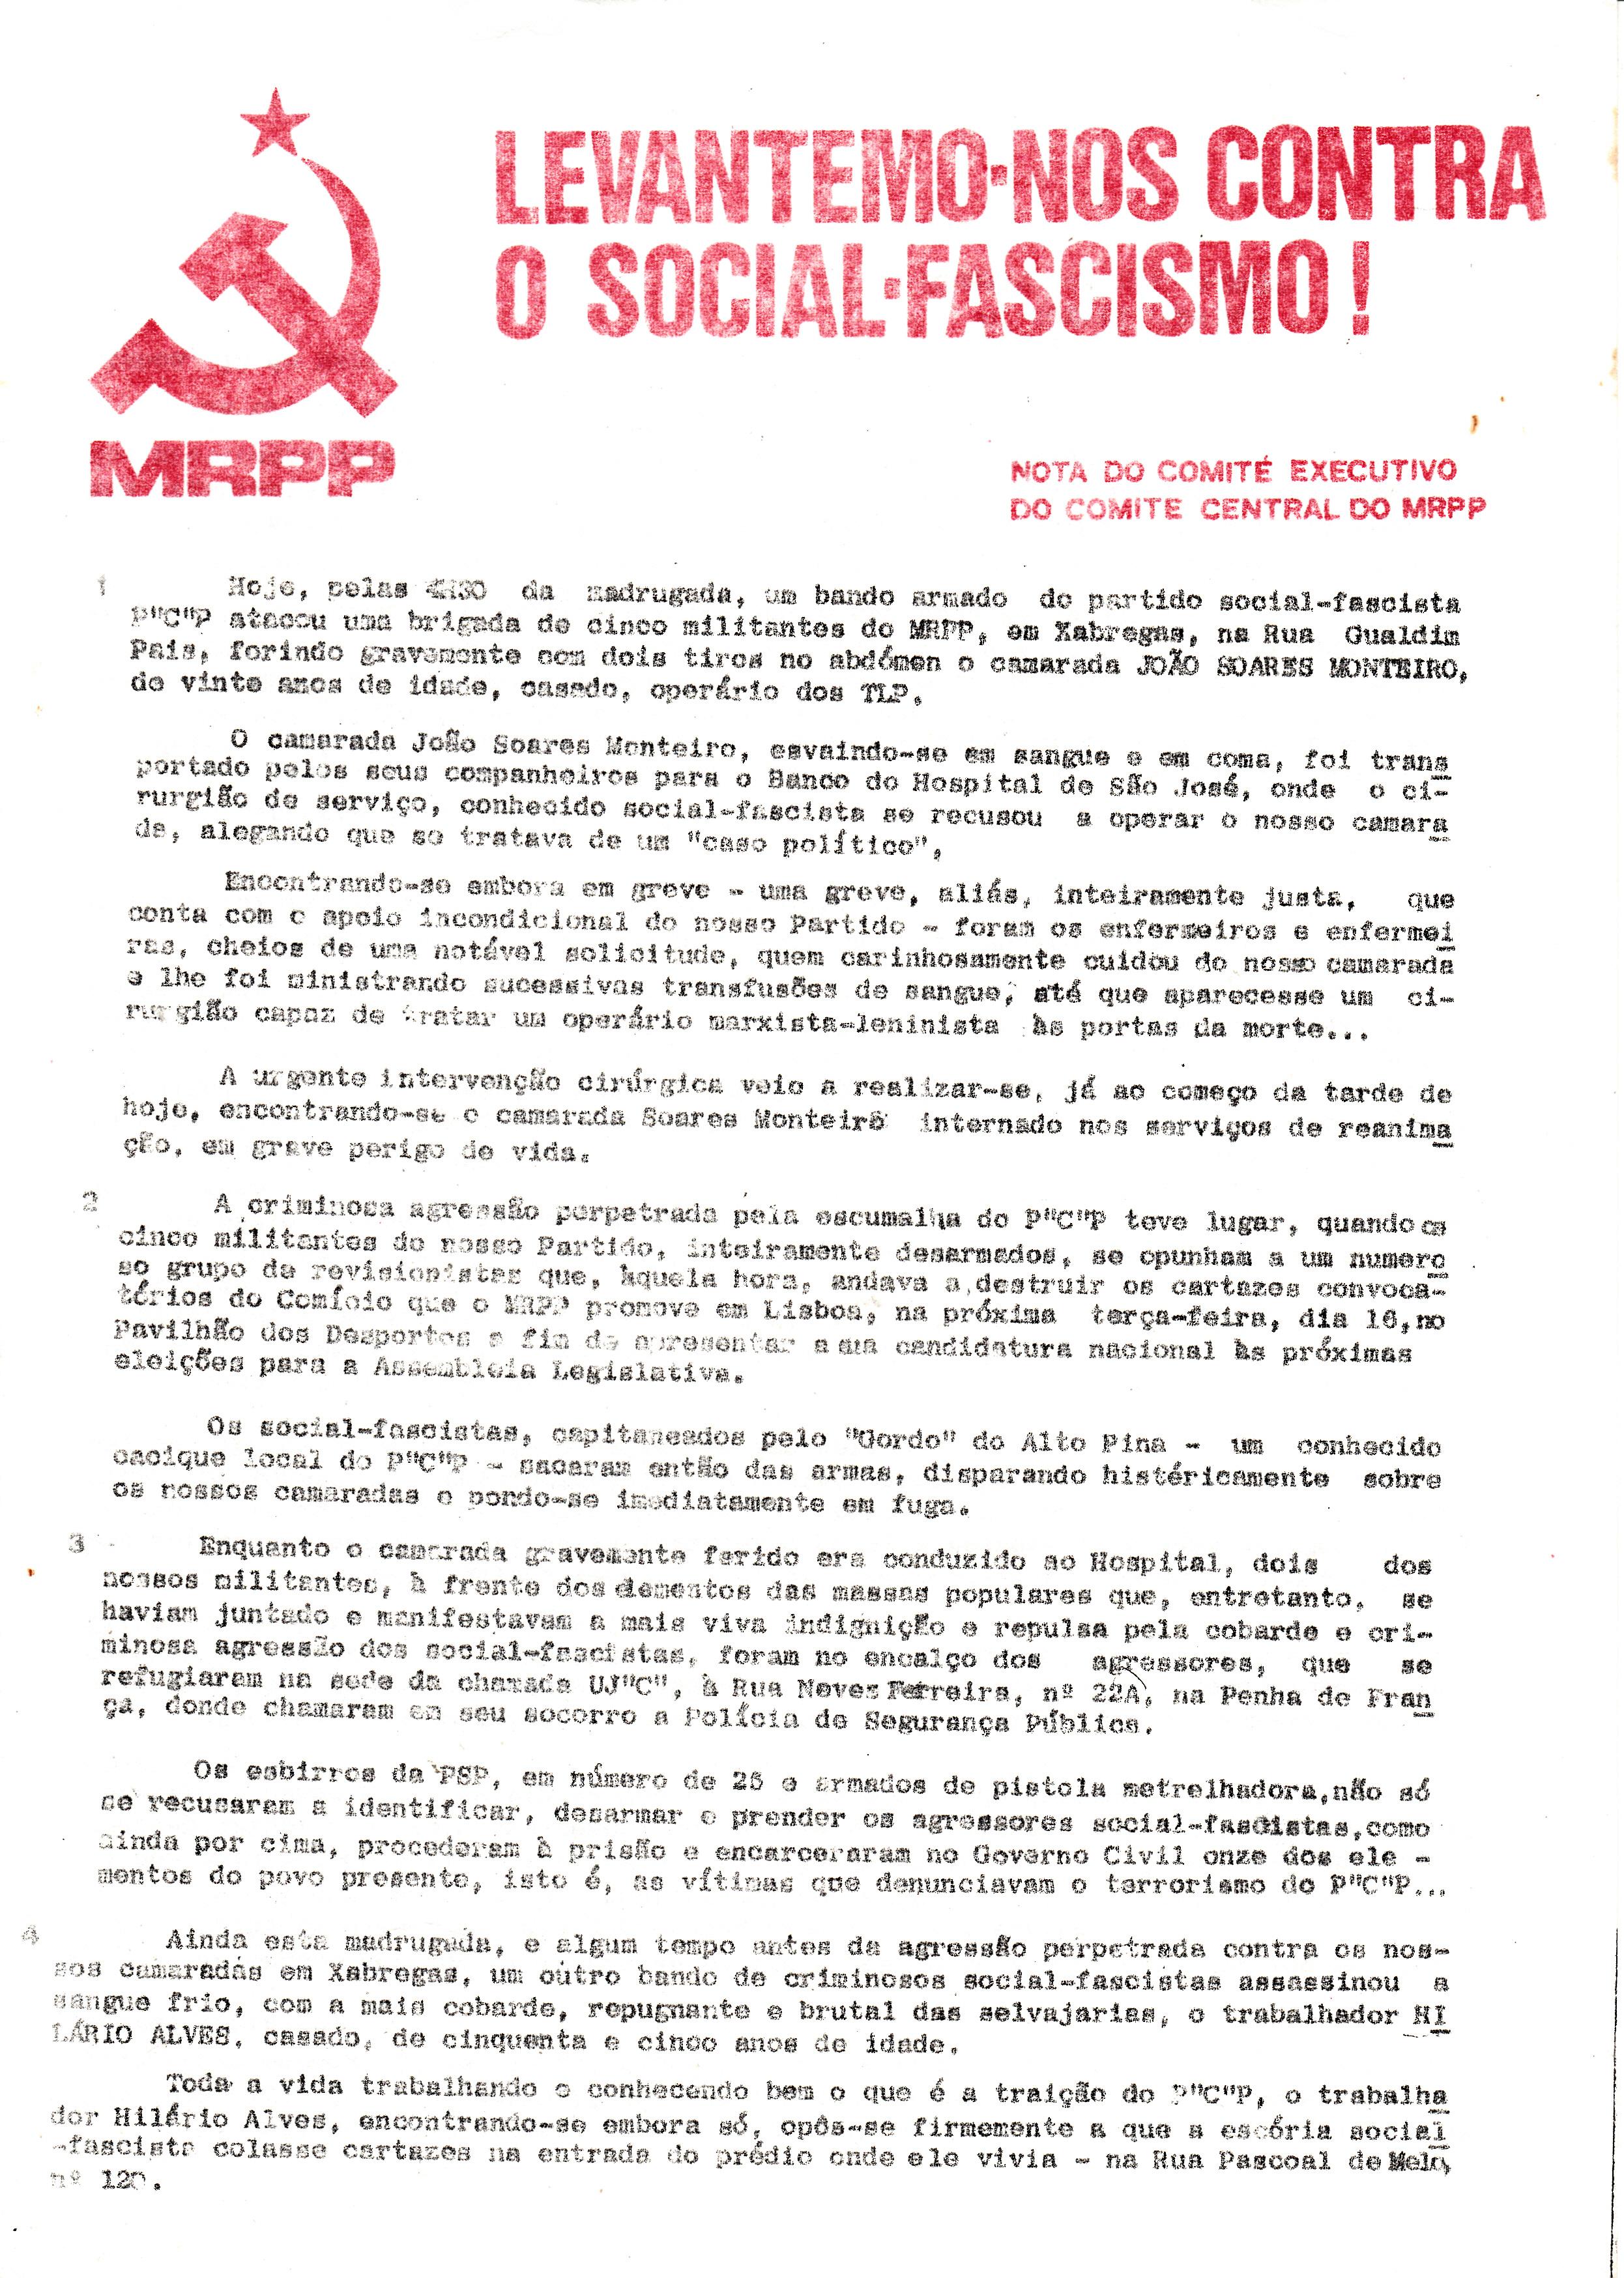 MRPP_1976_03_14_0001